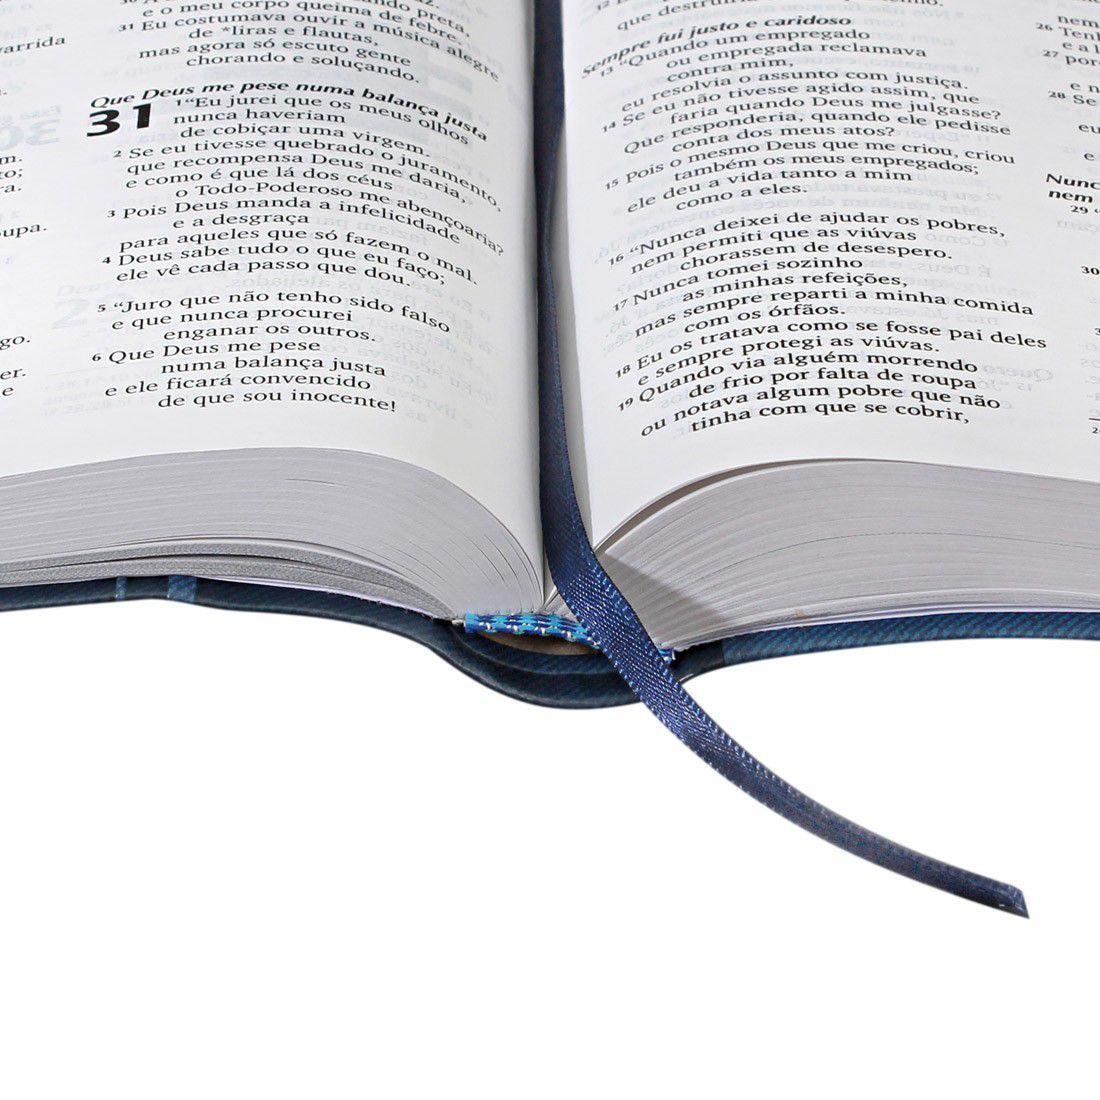 Bíblia de Liderança Jovem